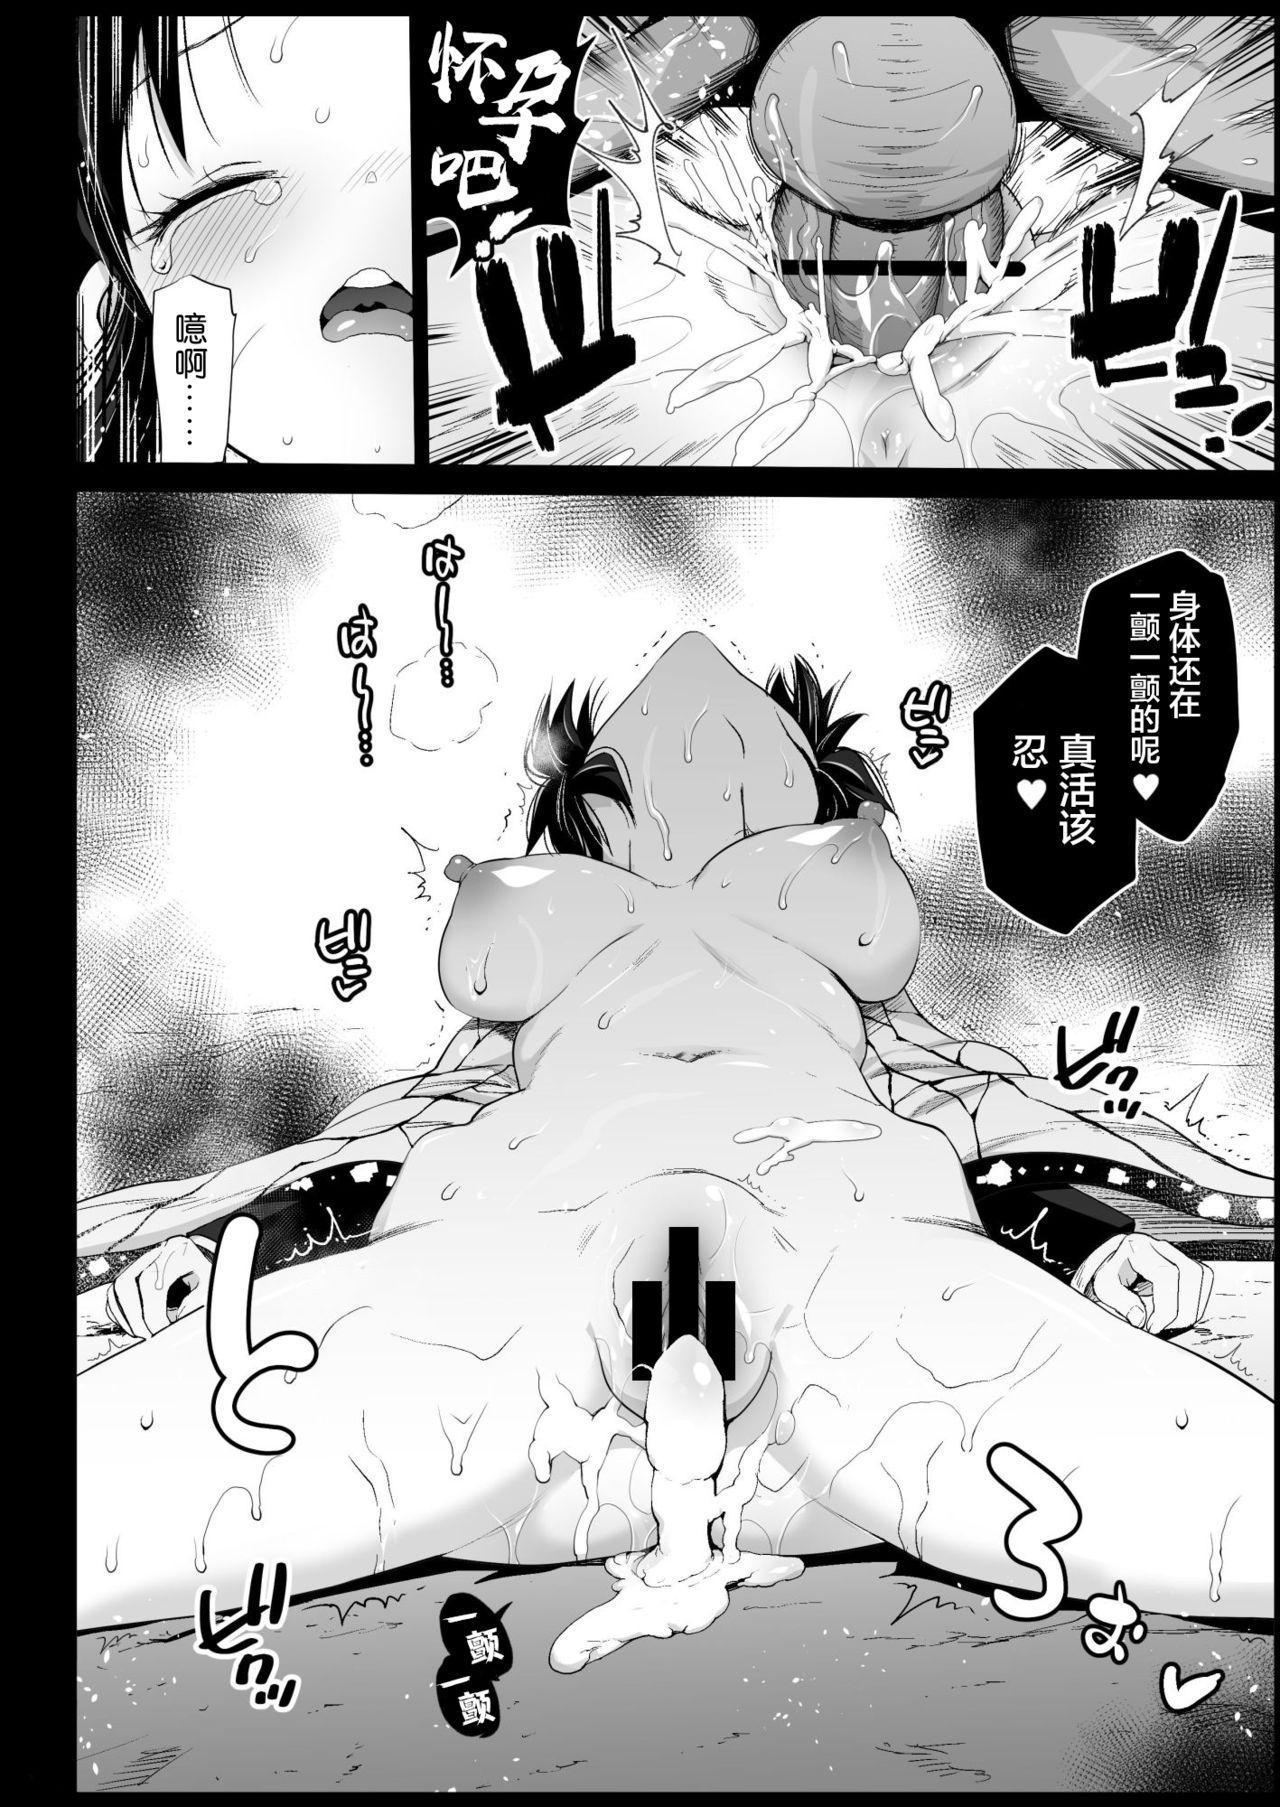 [Eromazun (Ma-kurou)] Kochou Shinobu Kan ~Neteiru Aida ni Ossan Oni ni Okasareru~ - RAPE OF DEMON SLAYER 2 (Kimetsu no Yaiba) [Chinese] [这很恶堕汉化组] [Digital] 14